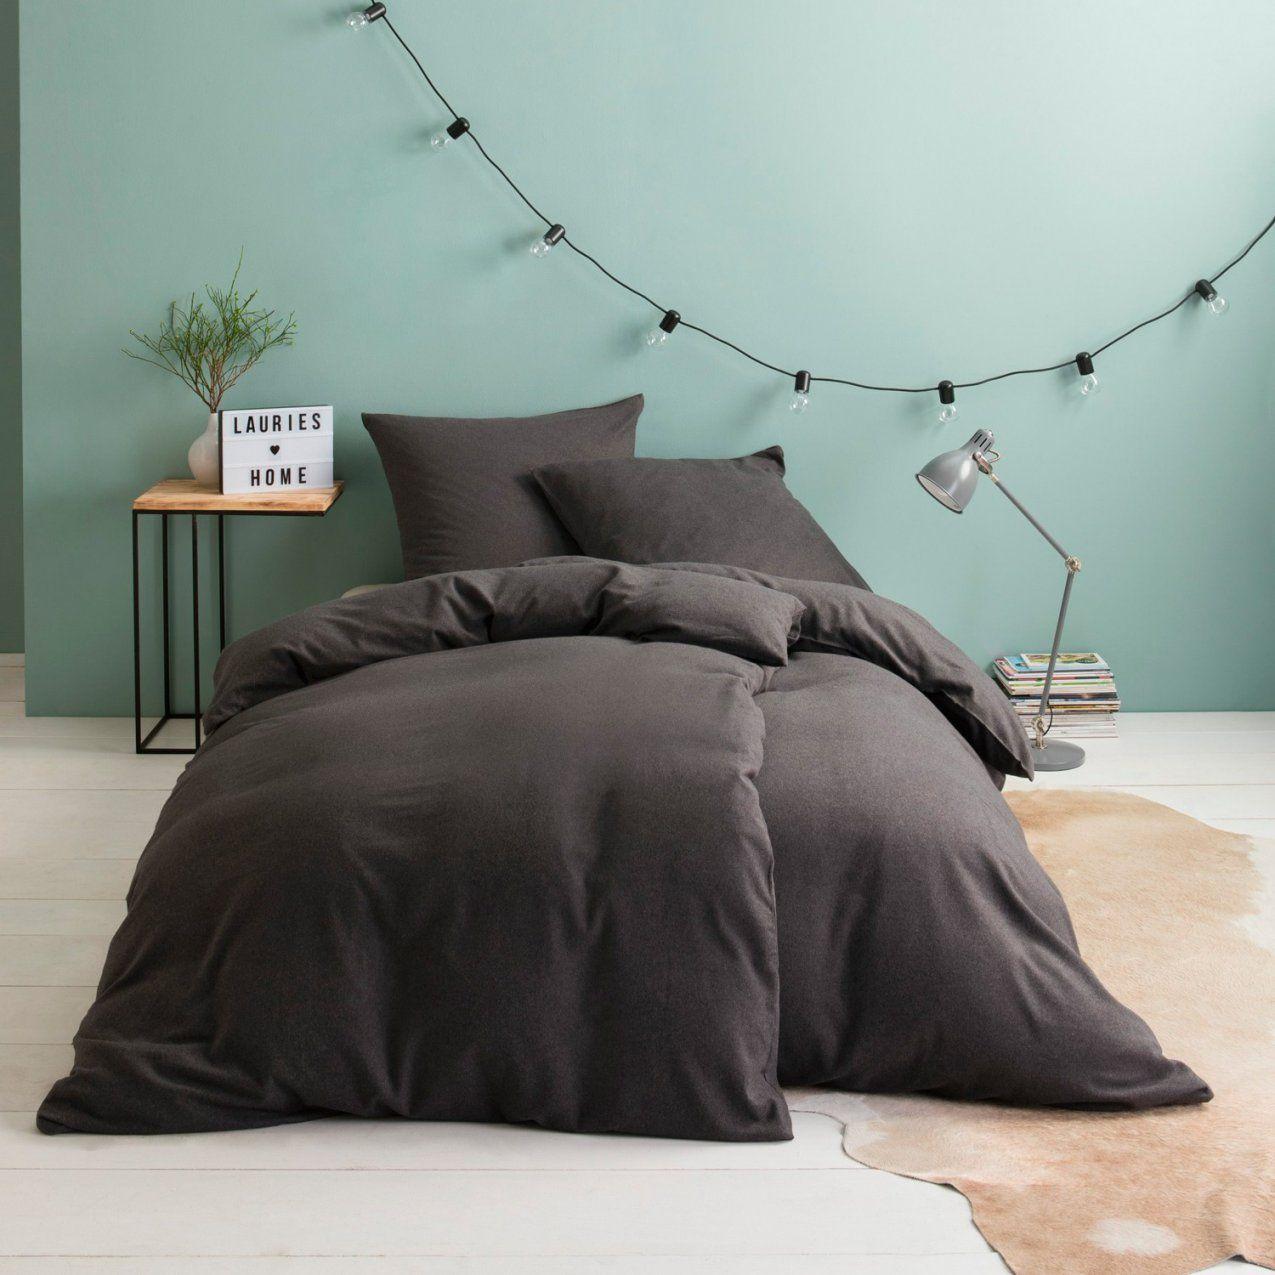 Feinste Mako Jersey Bettwäsche Reduziert  Bettwäsche Ideen von Estella Bettwäsche Reduziert Photo